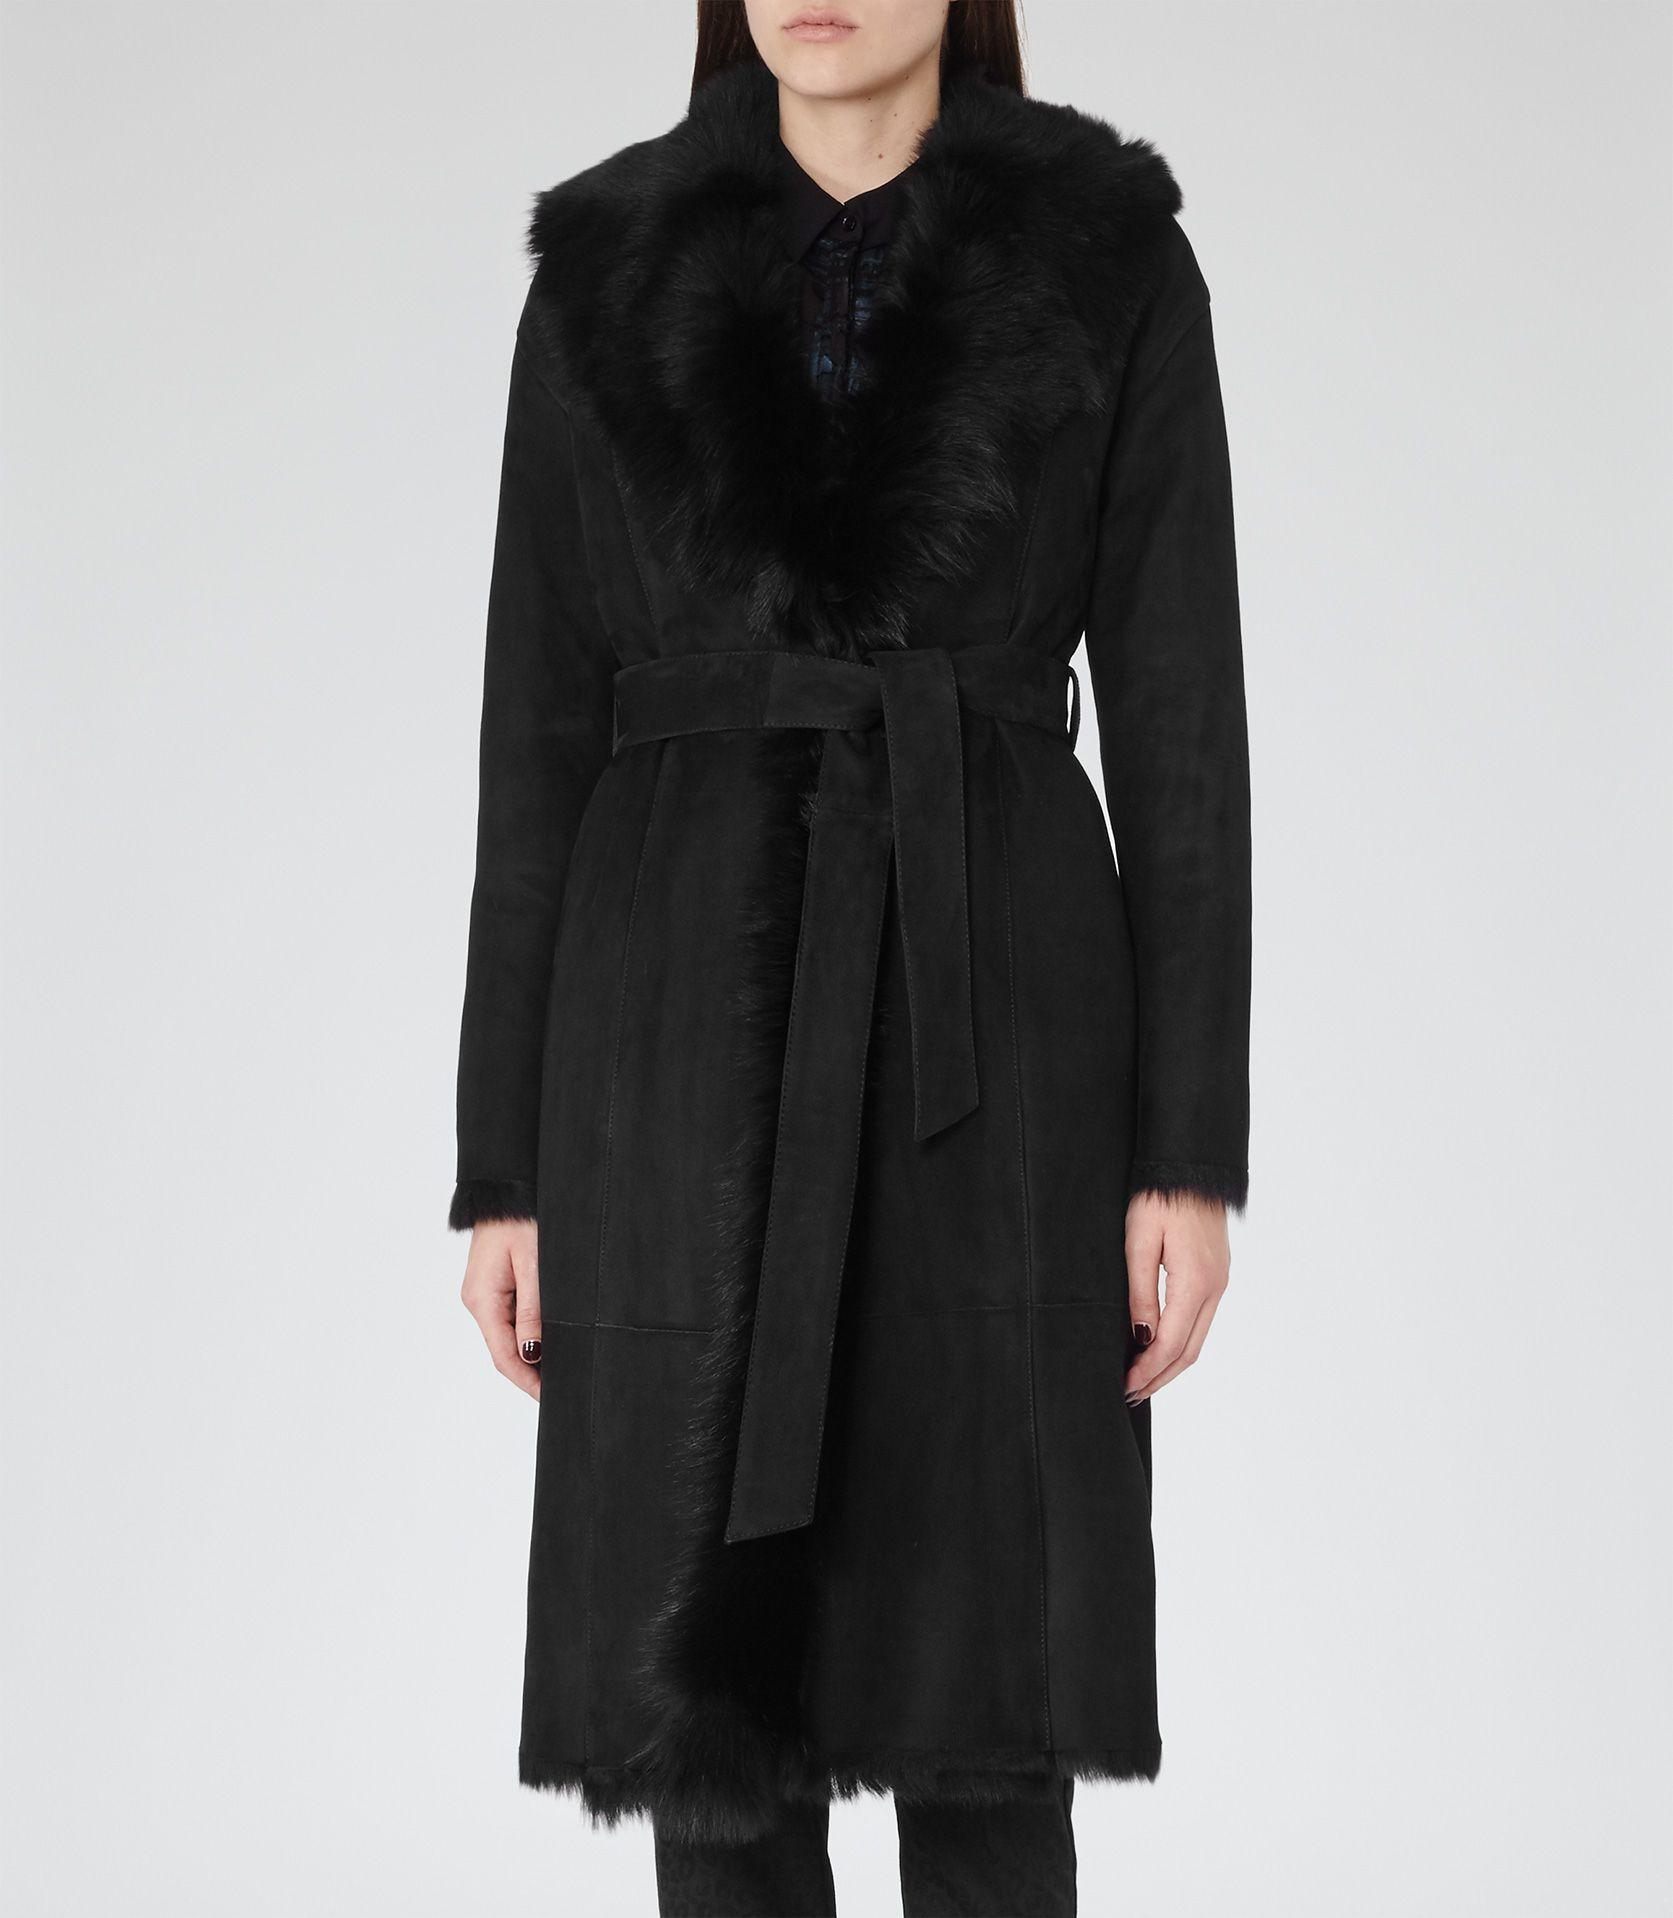 Womens Black Shearling Wrap Coat - Reiss Biba   Fashion ...